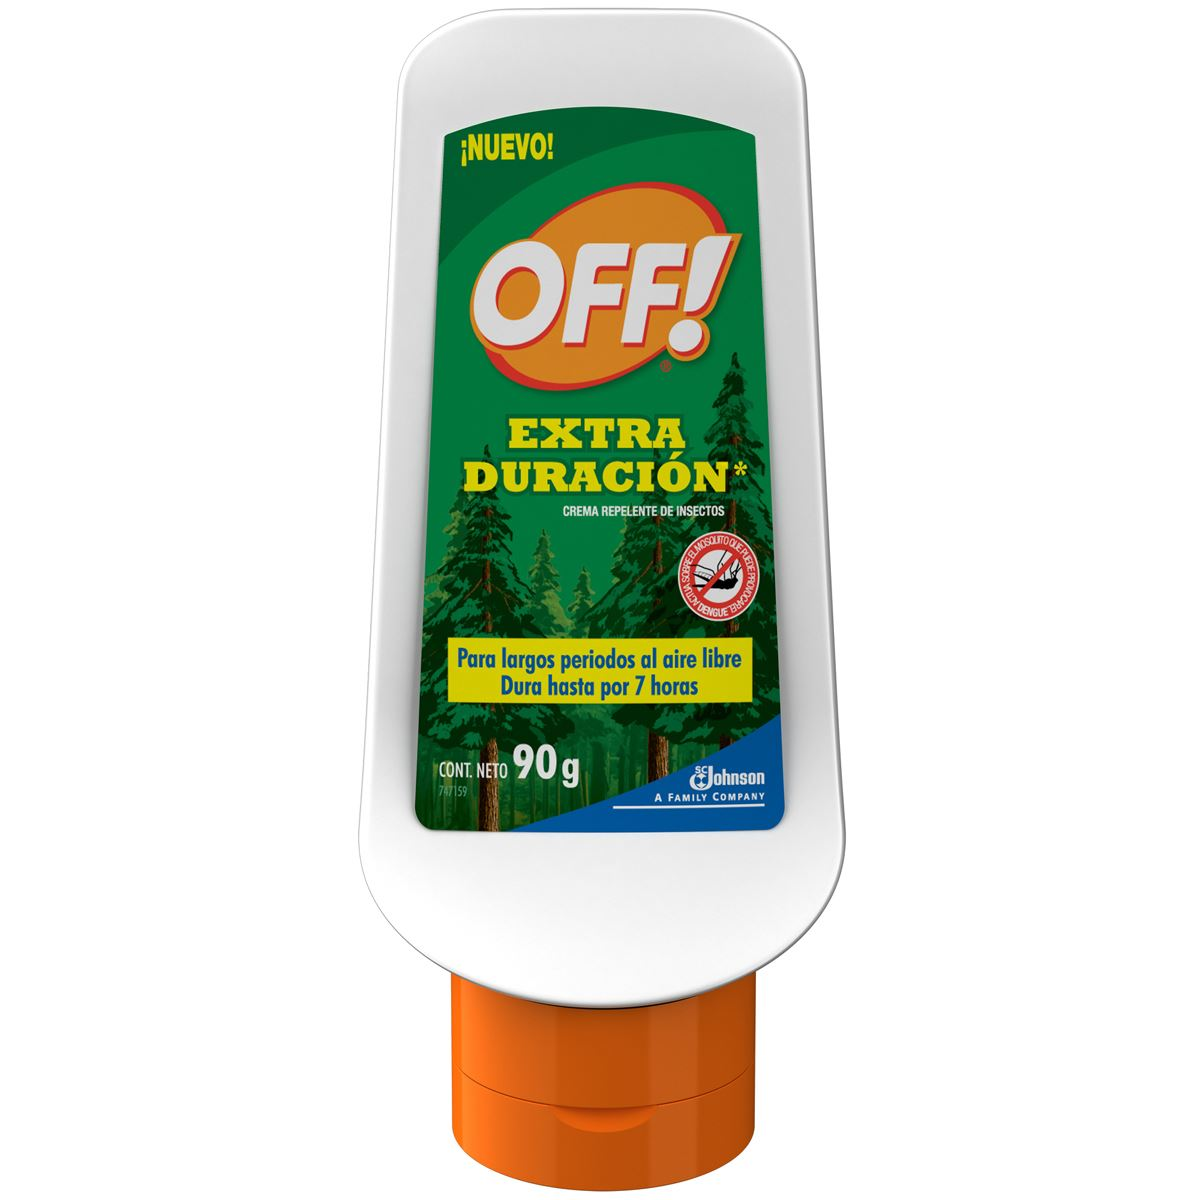 Repelente de insectos en crema off! extra duración 90g  - Sanborns